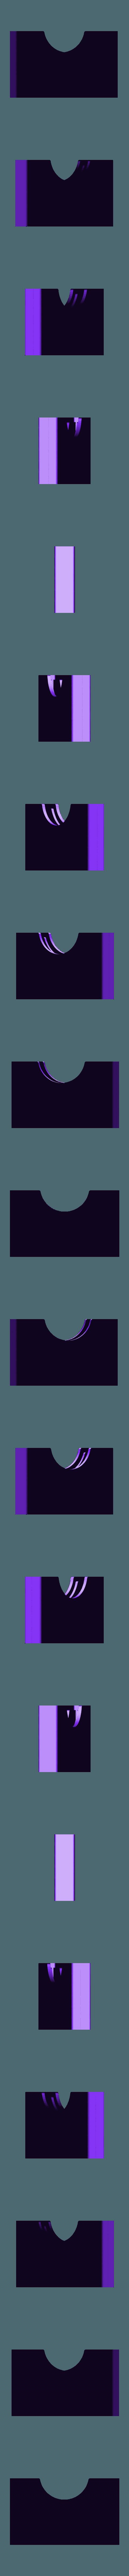 final_small_box_top.stl Télécharger fichier STL gratuit Boîte d'appoint Pokemon TCG Booster Box • Objet à imprimer en 3D, jvanier